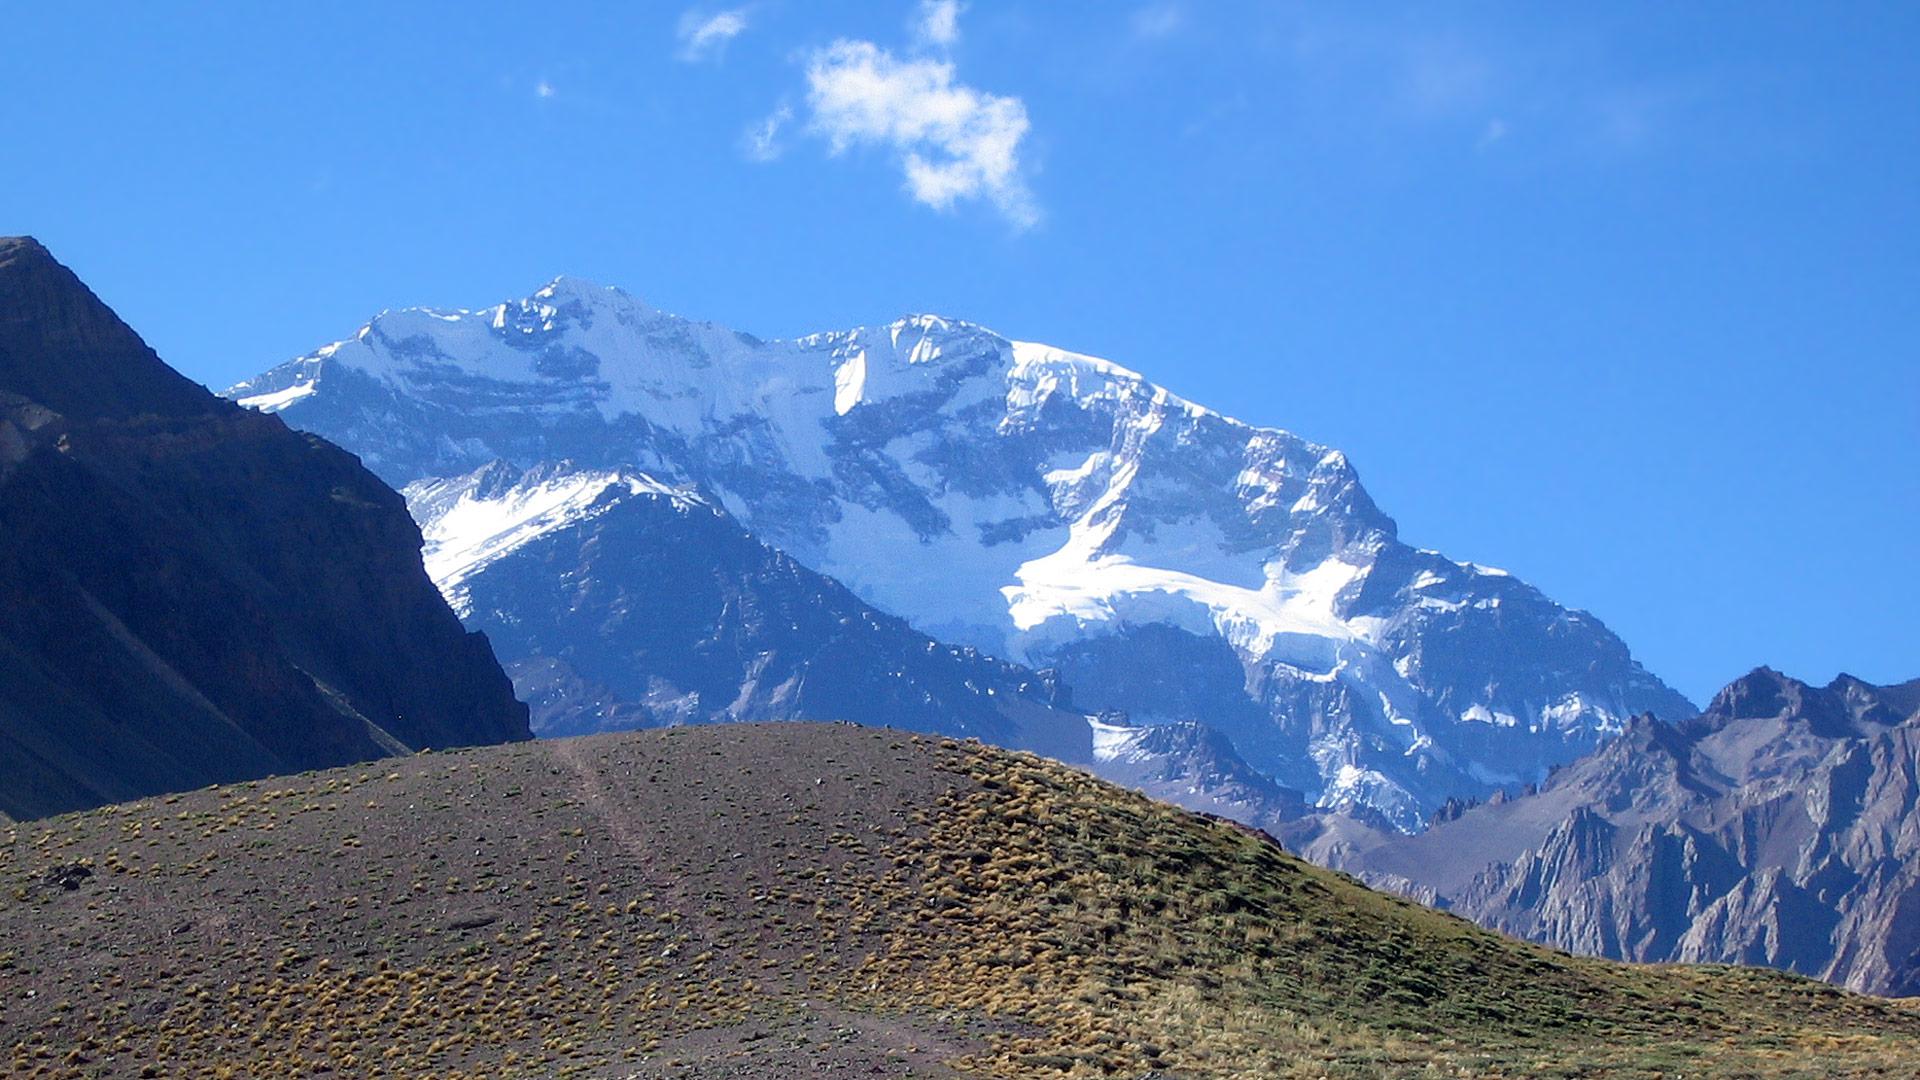 Aconcagua, 22840 inches